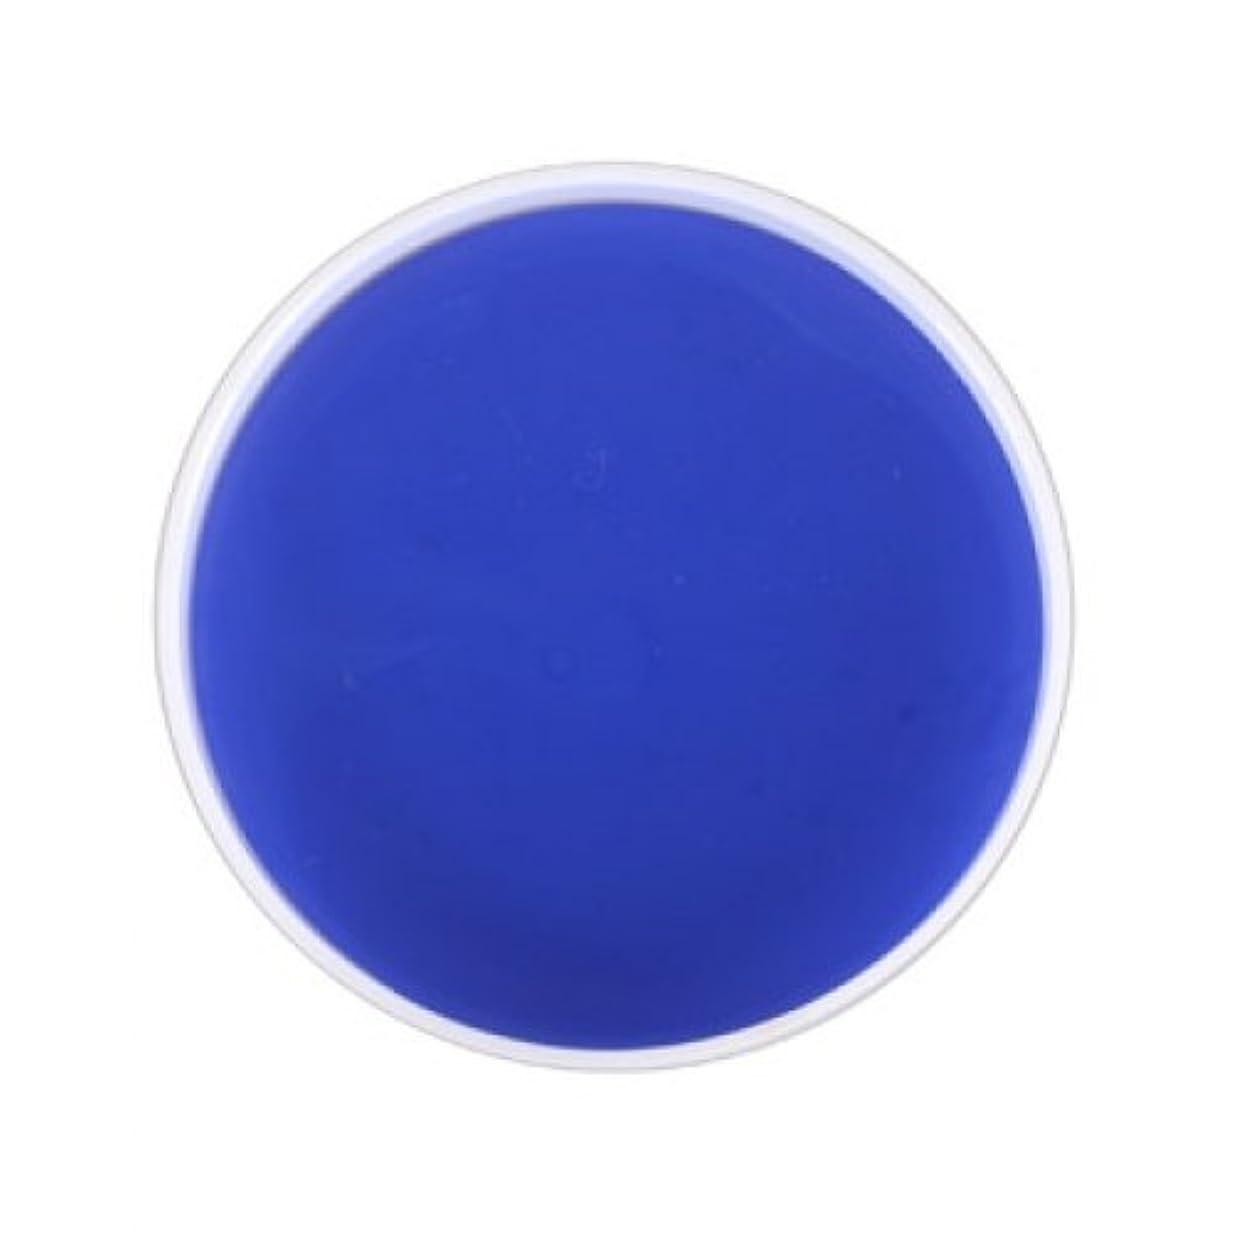 憤る事務所複製(3 Pack) mehron Color Cups Face and Body Paint - Blue (並行輸入品)